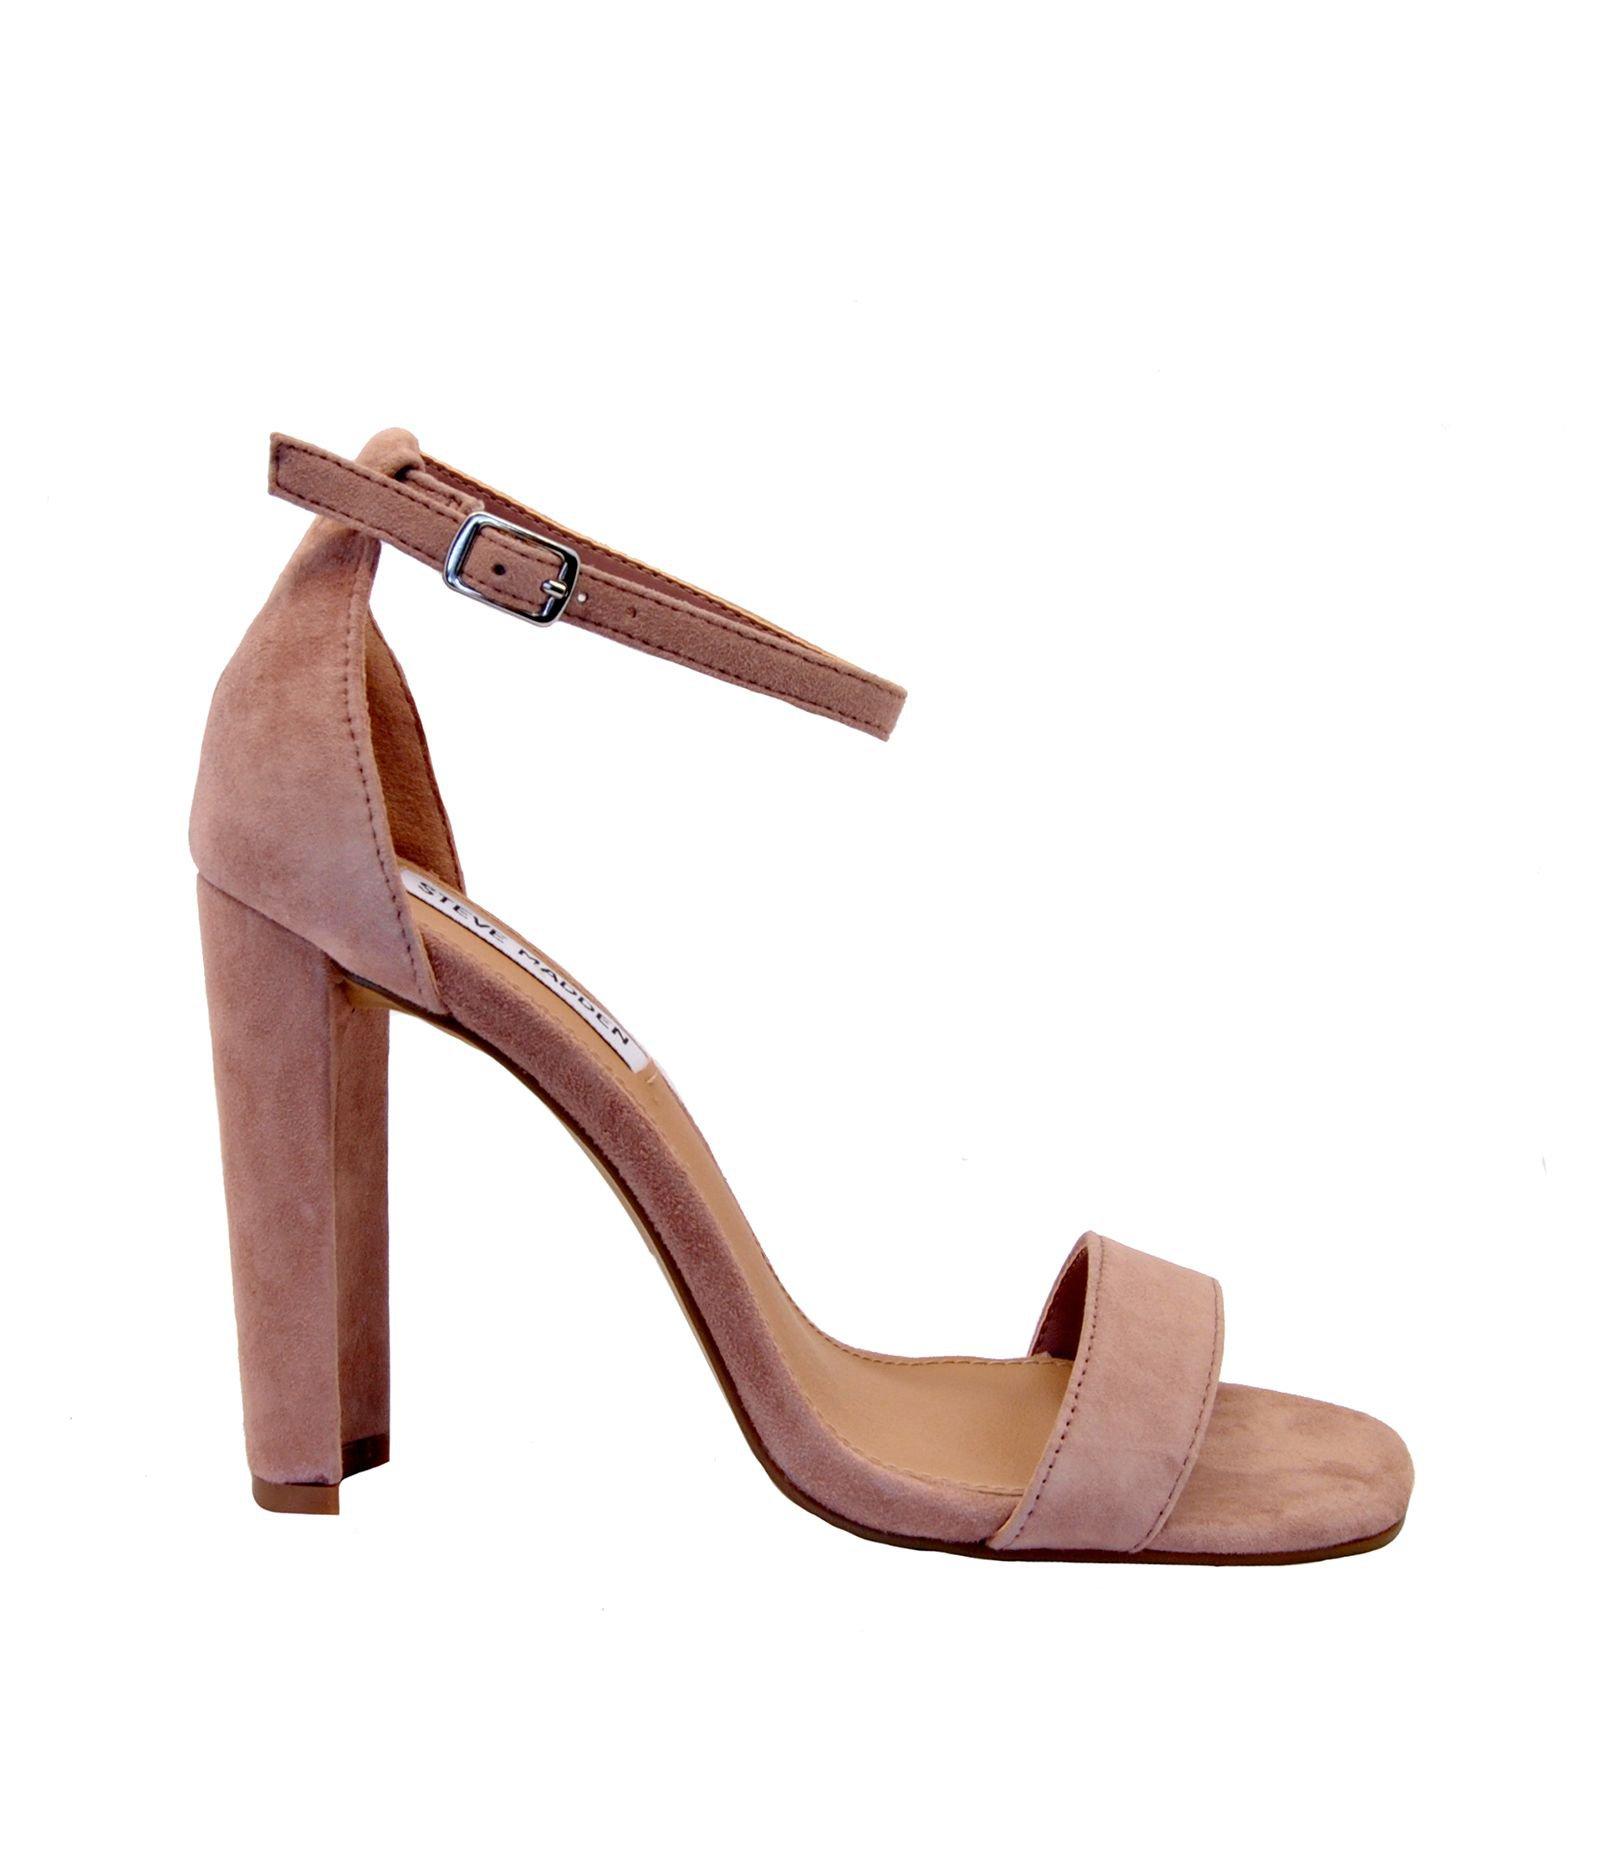 Steve Madden Franky Sandals